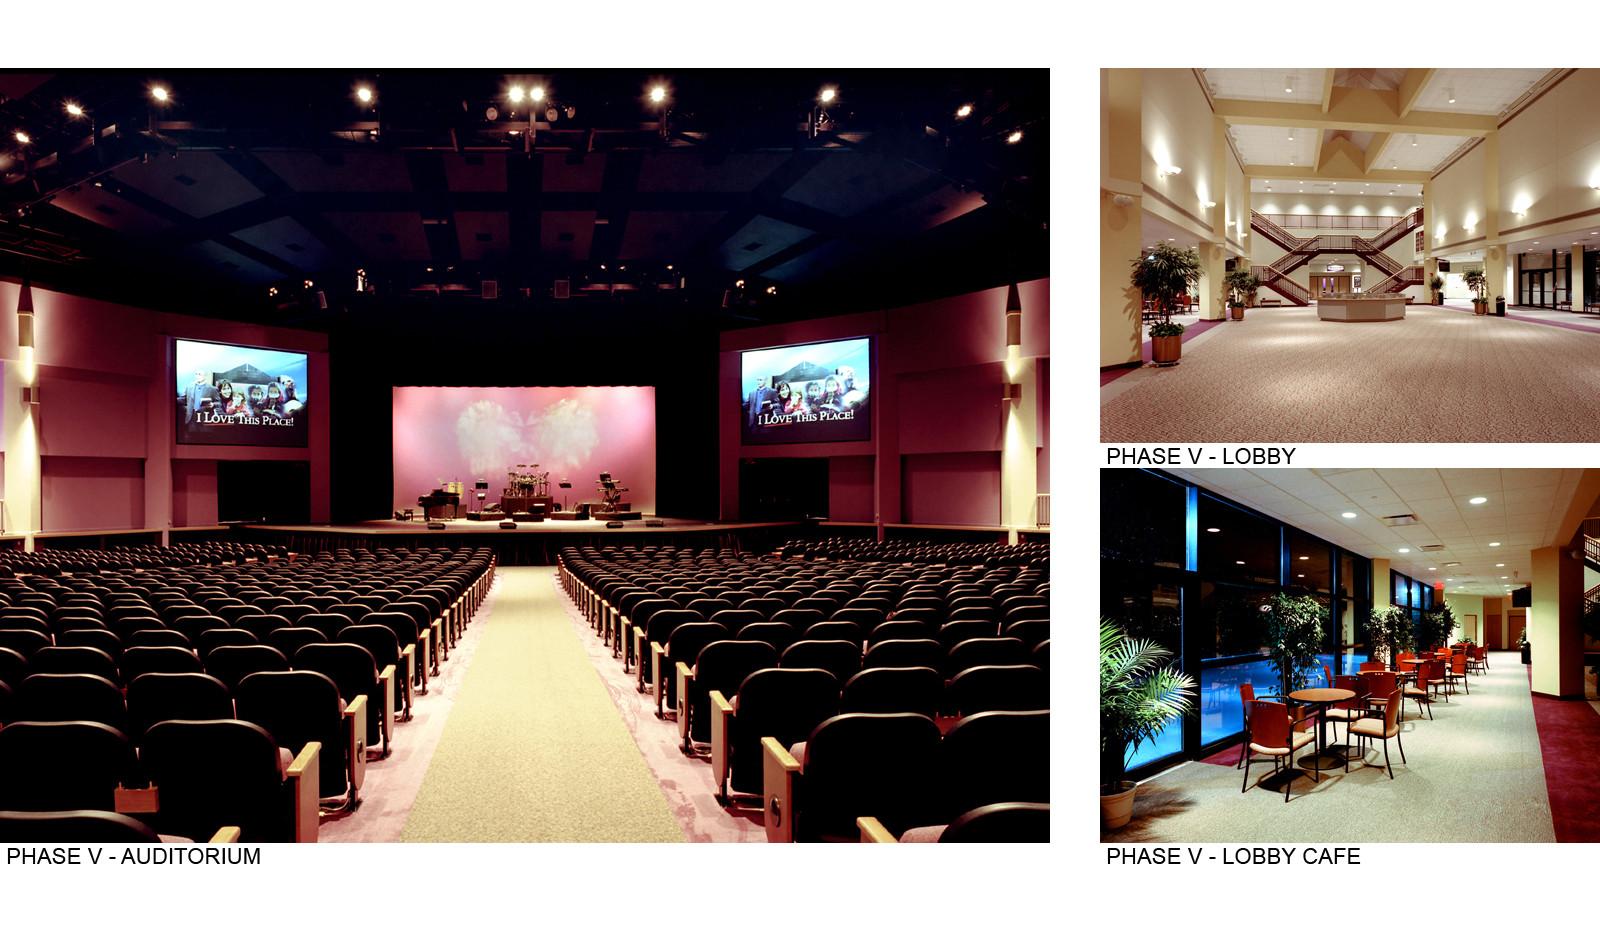 Phase V Auditorium & Lobby